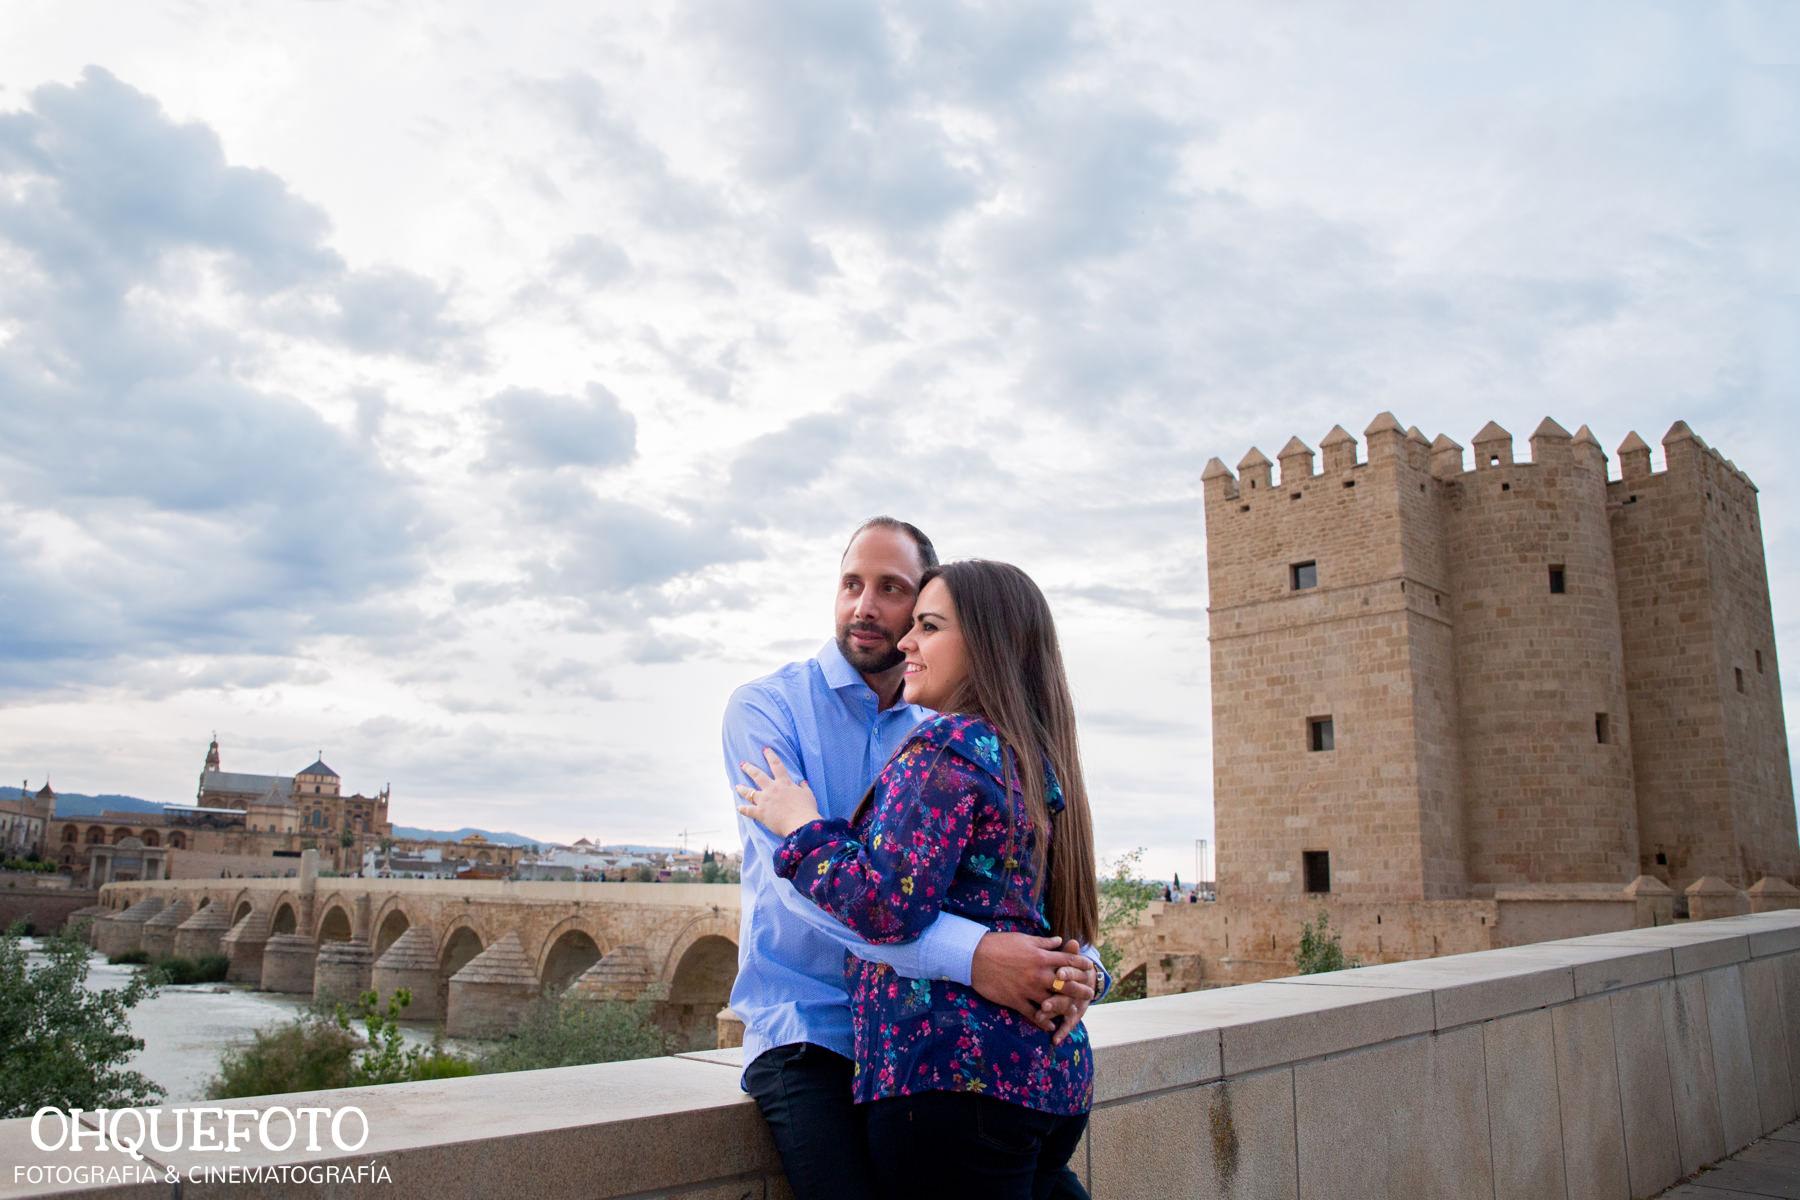 preboda en la judería de cordoba preboda en puente romano cordoba fotos de preboda en cordoba reportaje antes de la boda405 - Reportaje de preboda en la Judería de Córdoba - Elena y Jose